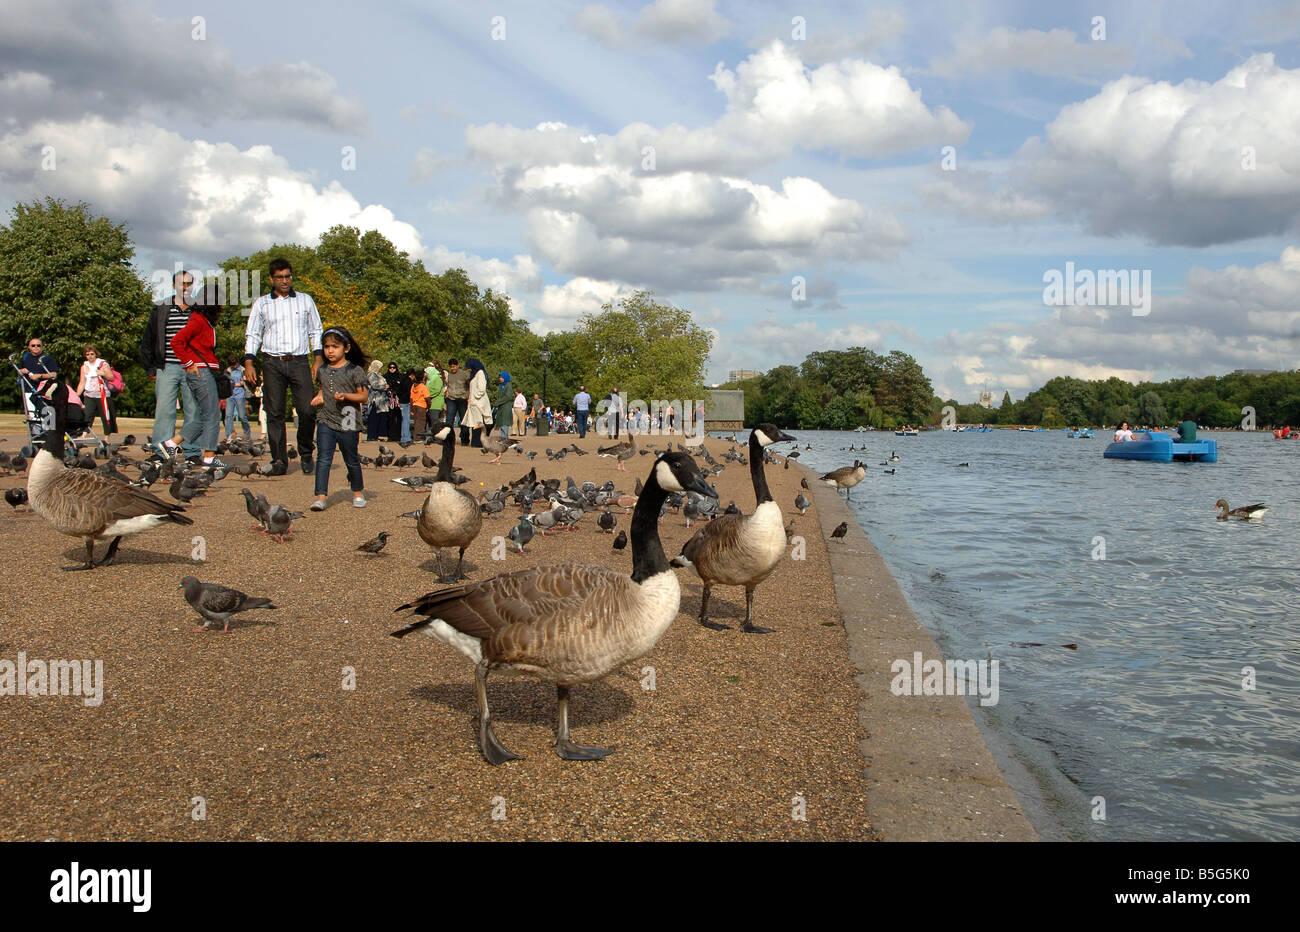 Serpentine Lake London Groß Britannien 2008 Serpentine Lake London Great Britain 2008 - Stock Image